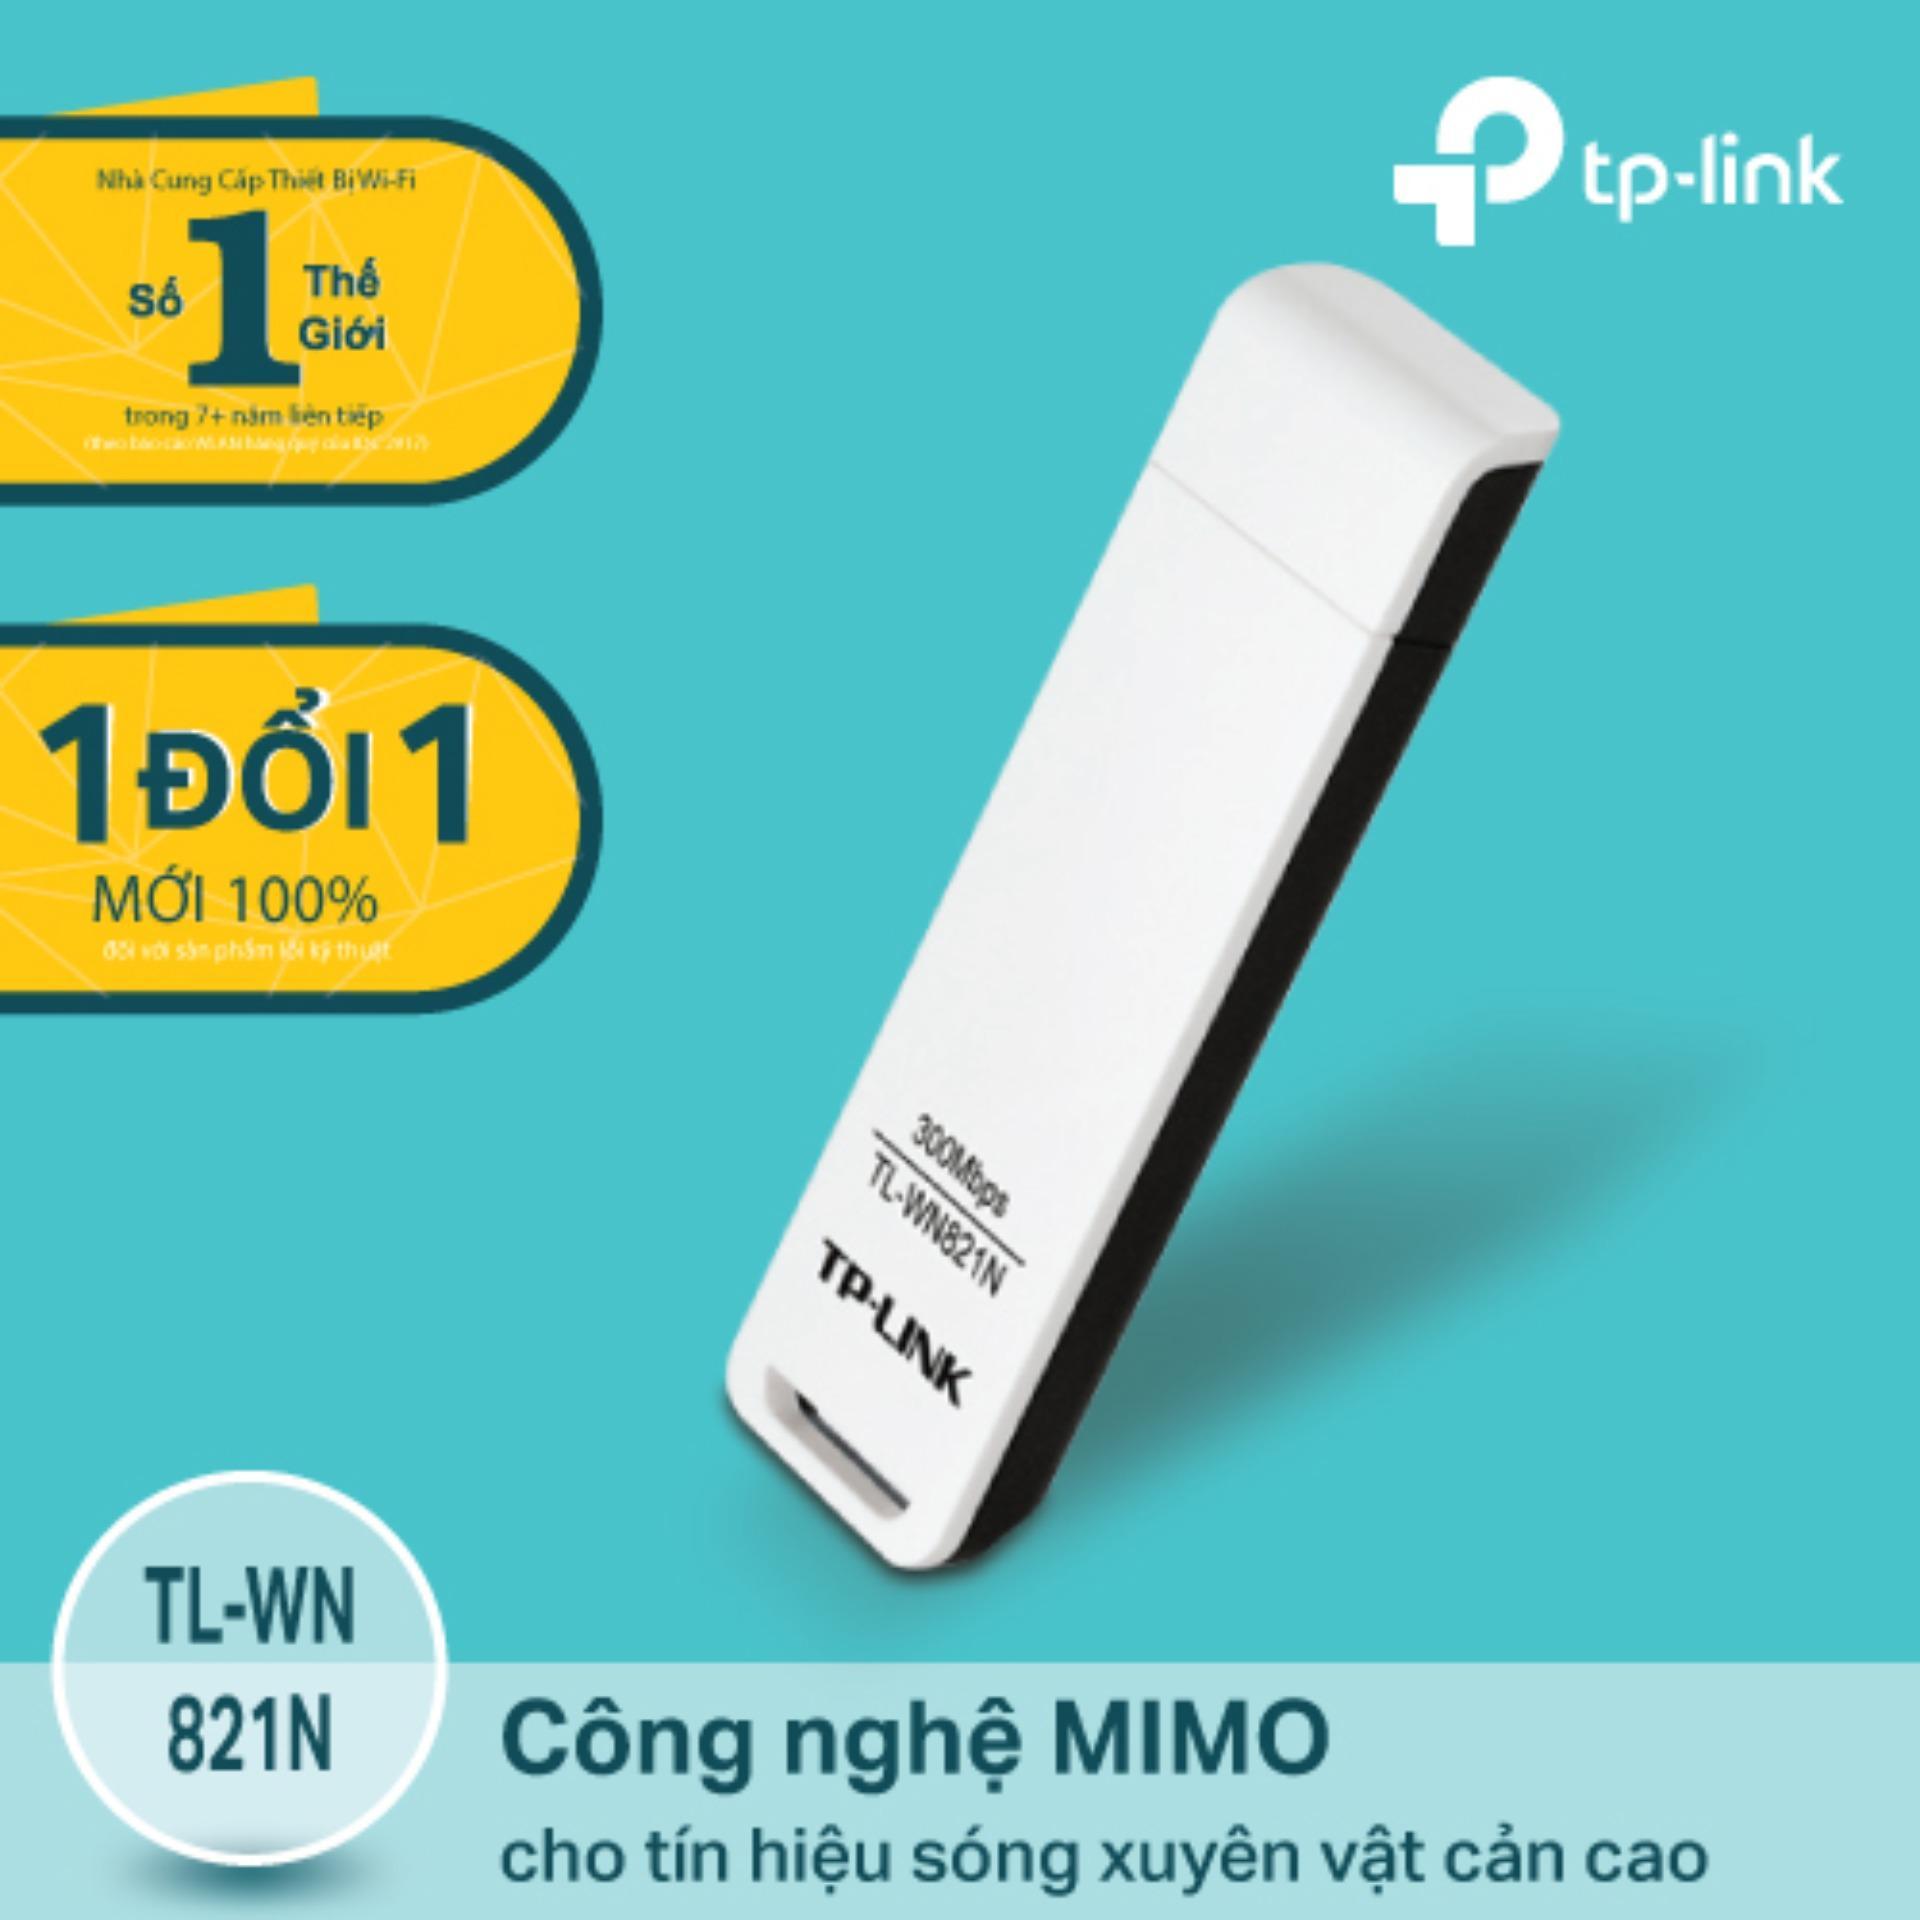 Mua Tp Link Tl Wn823n Usb Kt Ni Wi Fi Chun Trc Tuyn Thng Wn 823n 300mbps 16549 Sn Phm Lin Quan N Nh Gn Hang Phan Phi Chinh Thc